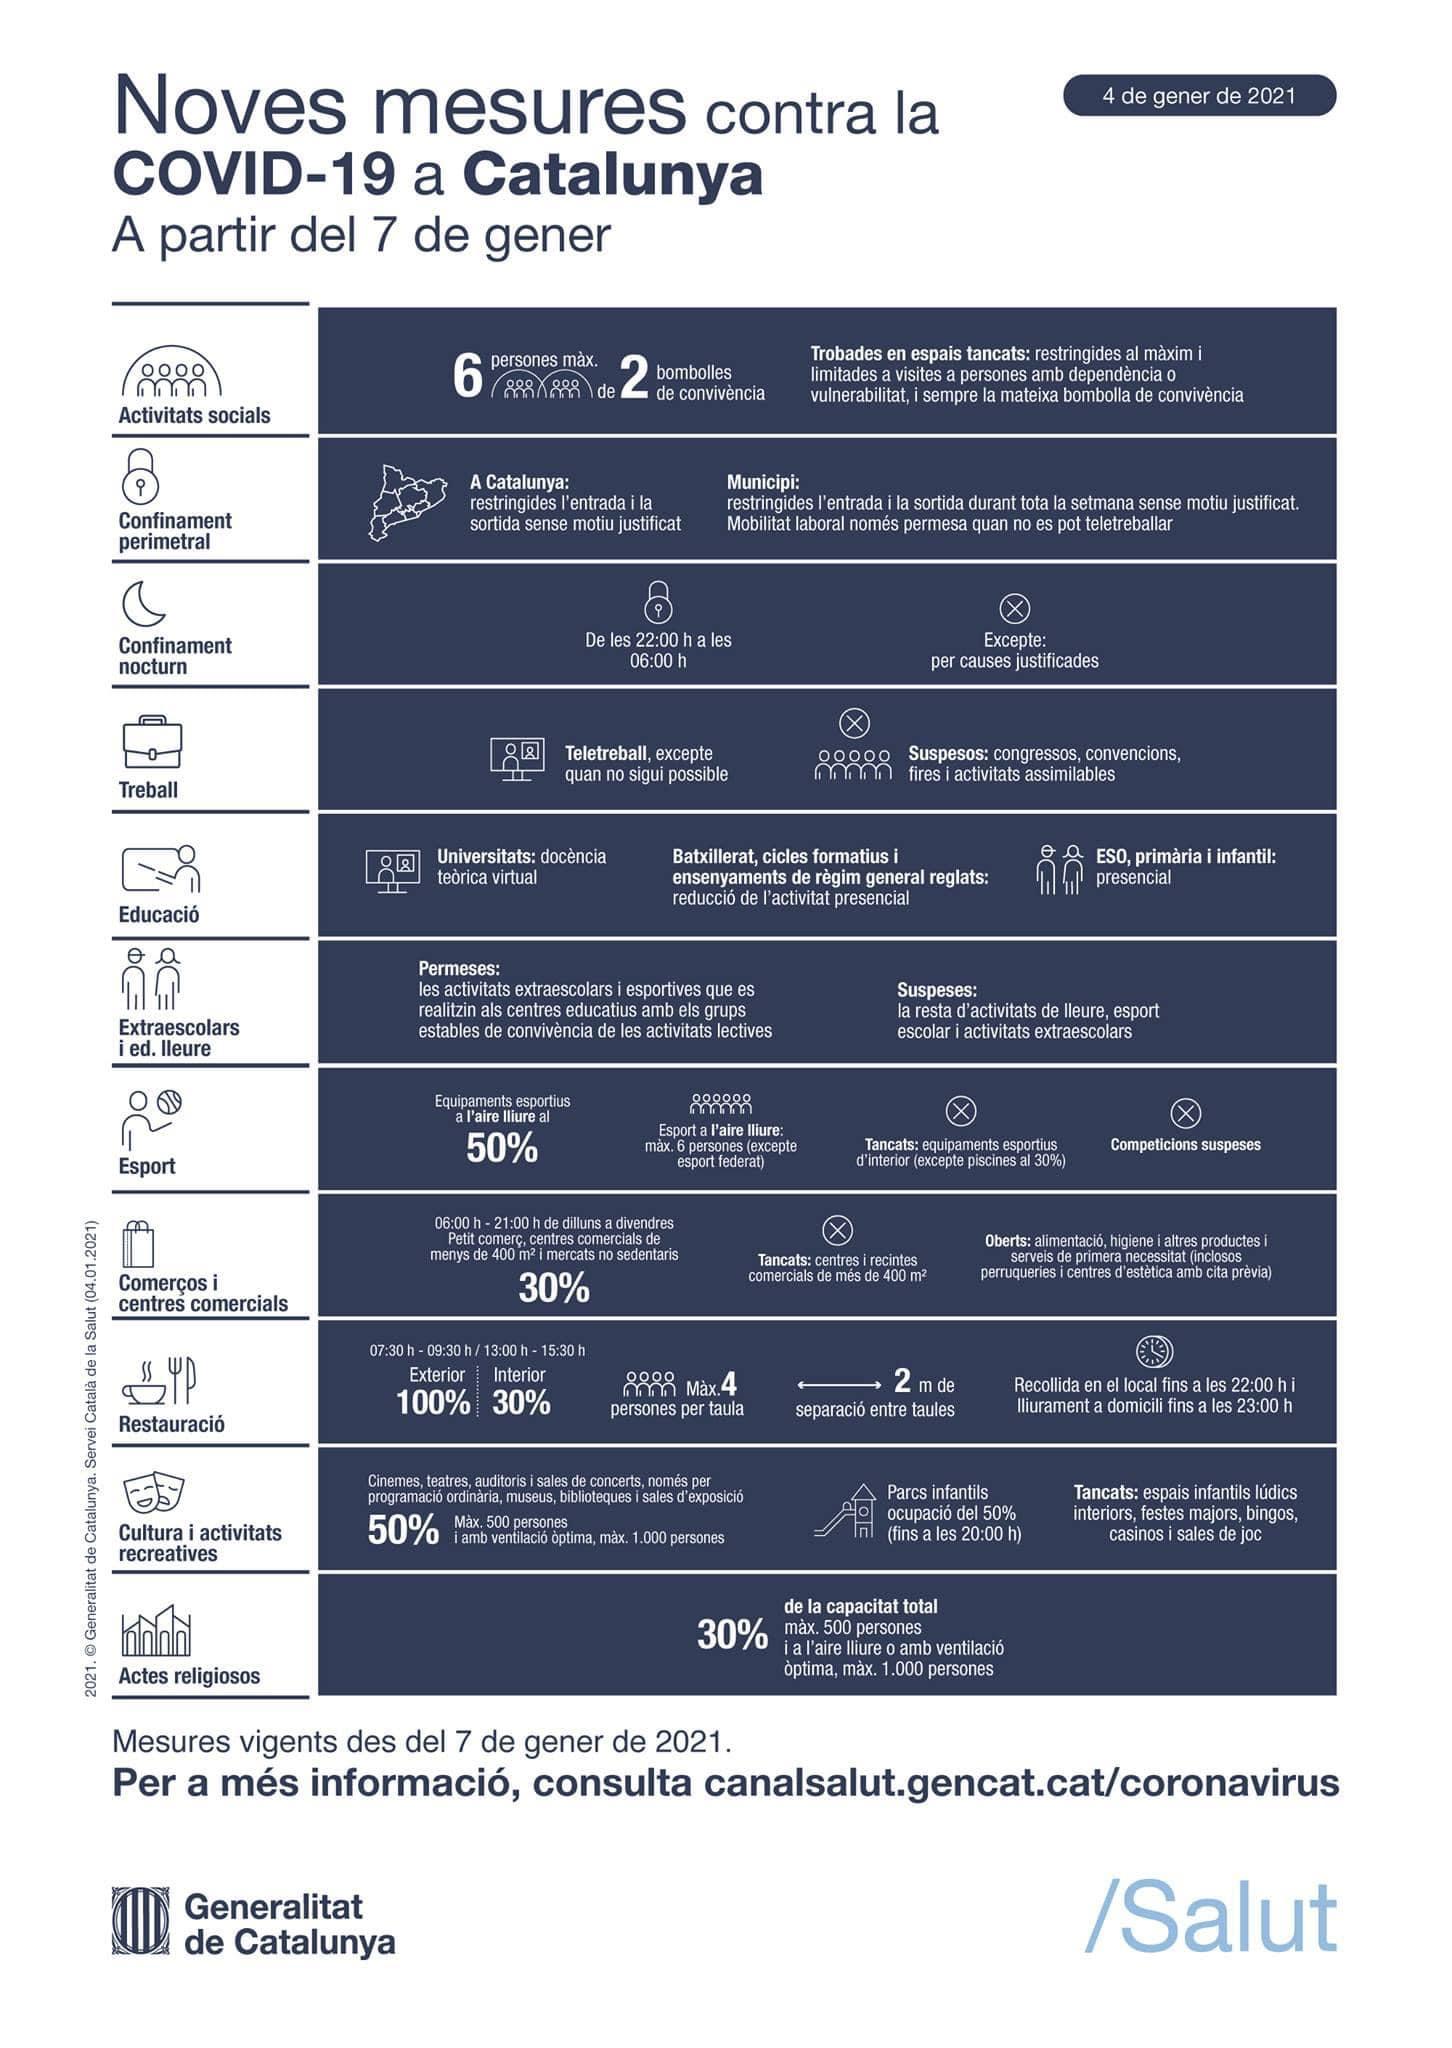 Noves mesures contra la COVID-19 a partir del 7 de gener